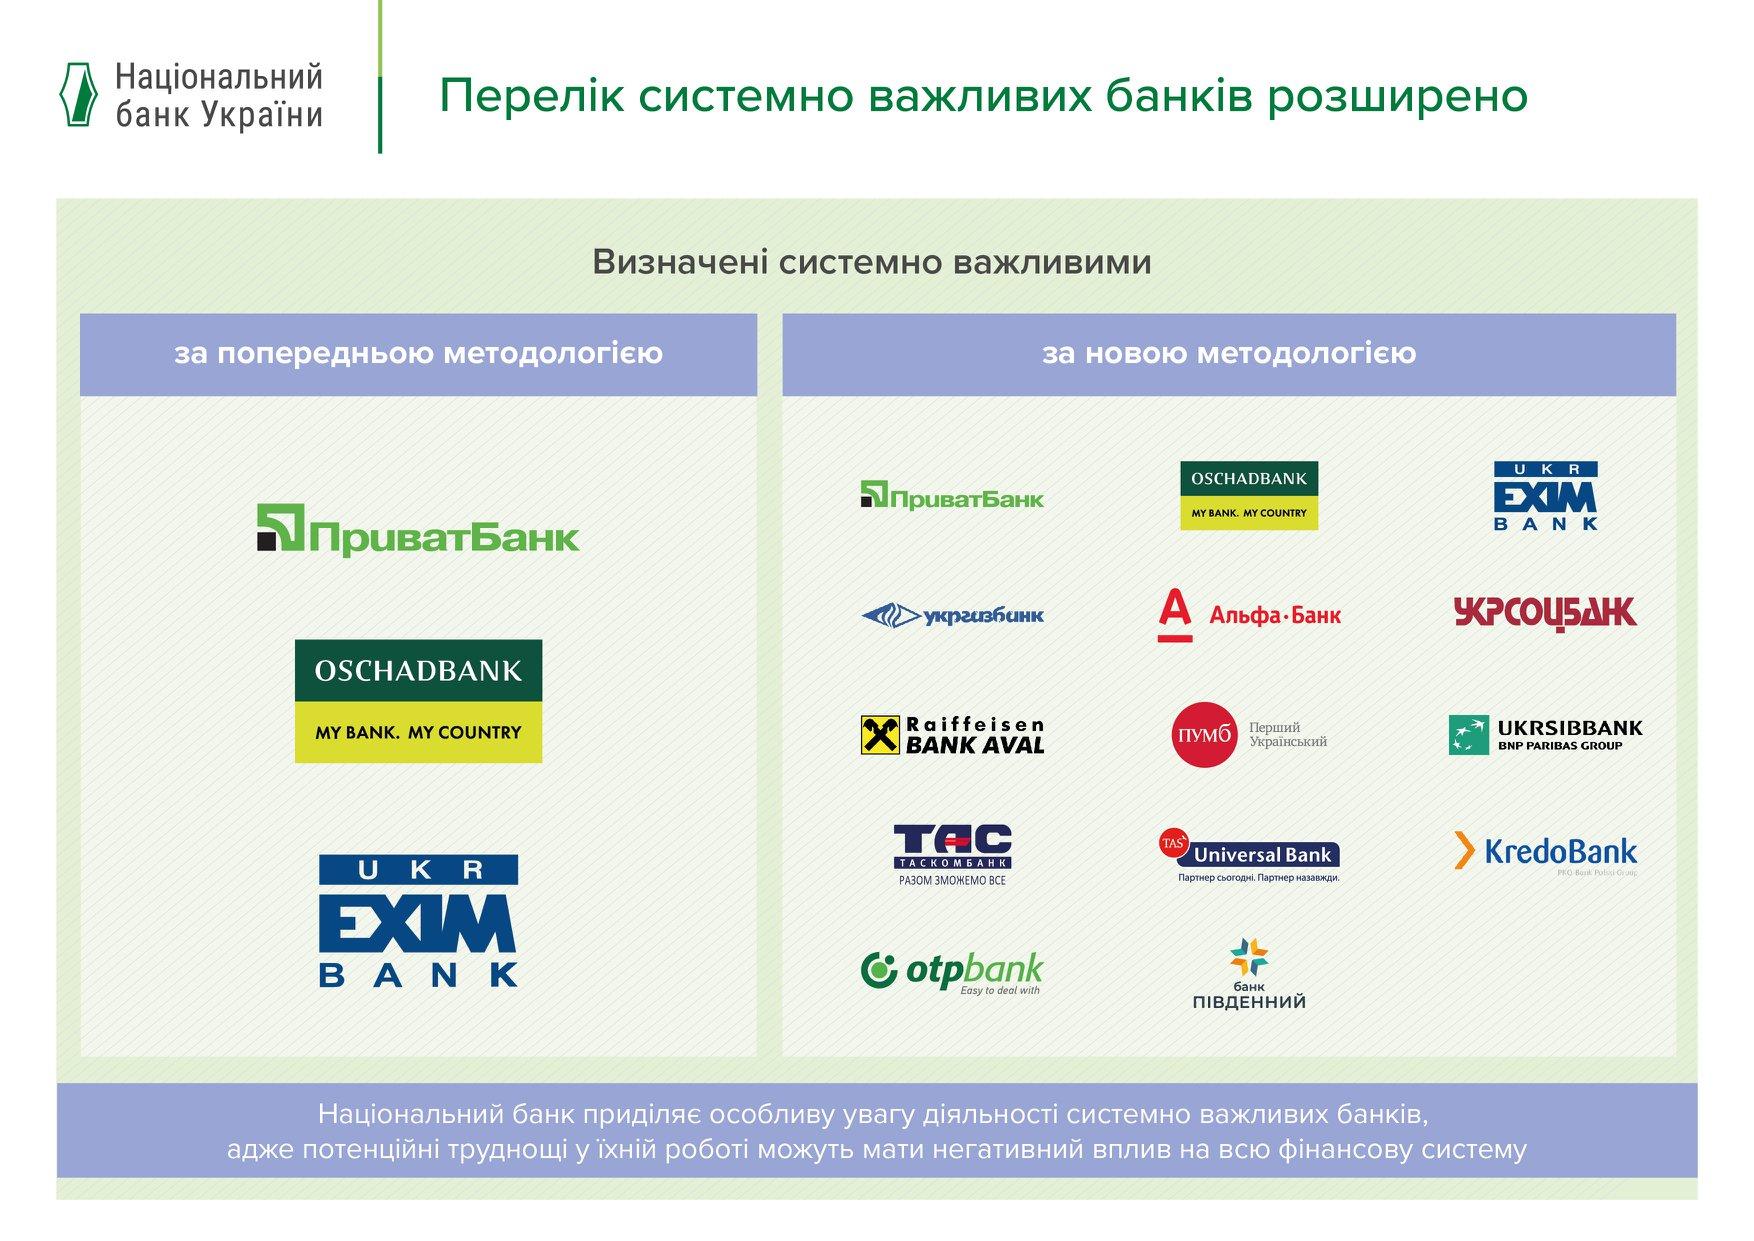 список банкротства банков